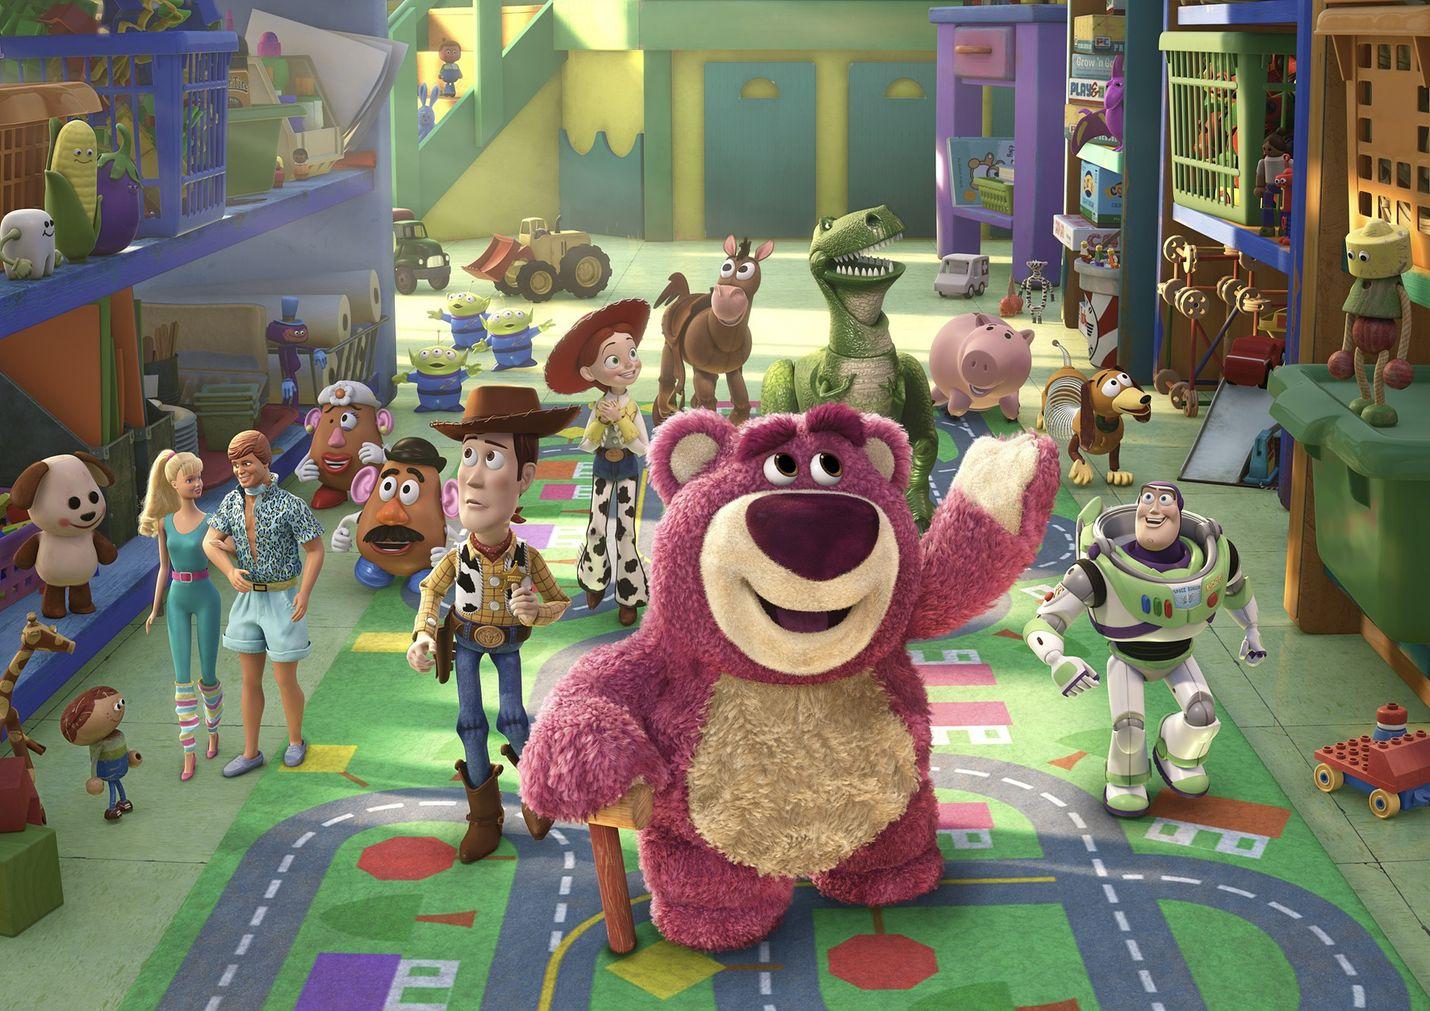 Vuoden parhaan animaatioelokuvan Oscarilla palkittu vauhdikas seikkailu saa alkunsa, kun aiemmista Toy Story -elokuvista tutut sankarit Woody ja Buzz Lightyear päätyvät ystävineen vahingossa päiväkotiin.